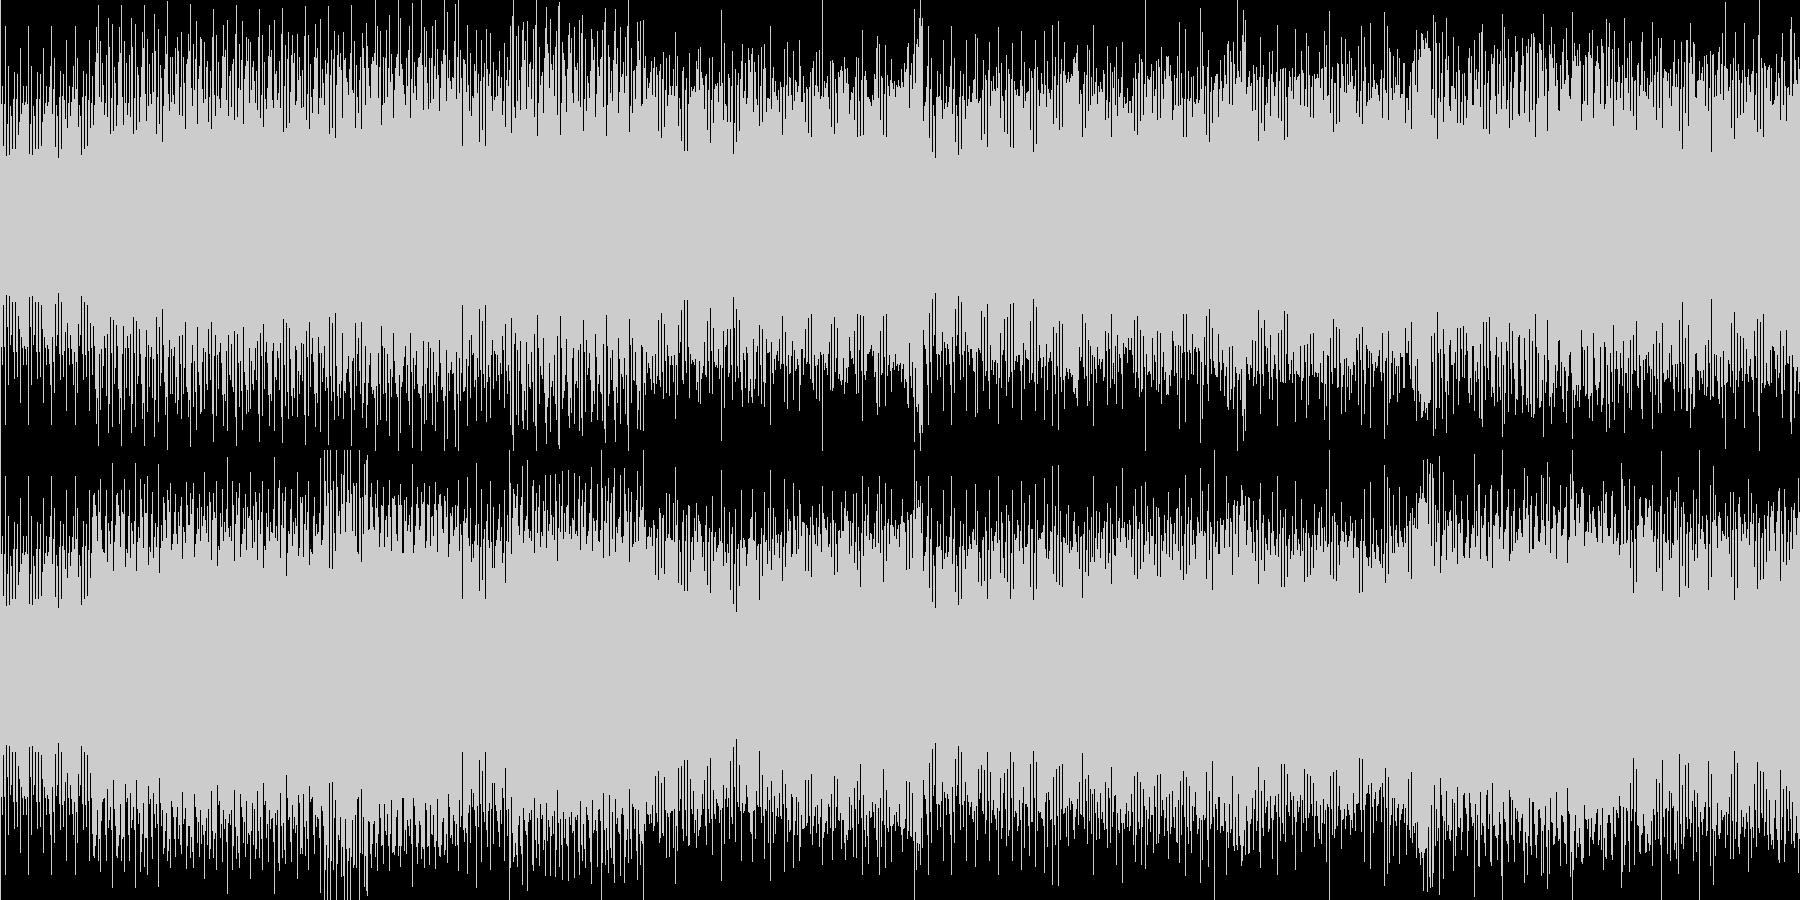 低音ビートの効いたテクノサウンドの未再生の波形